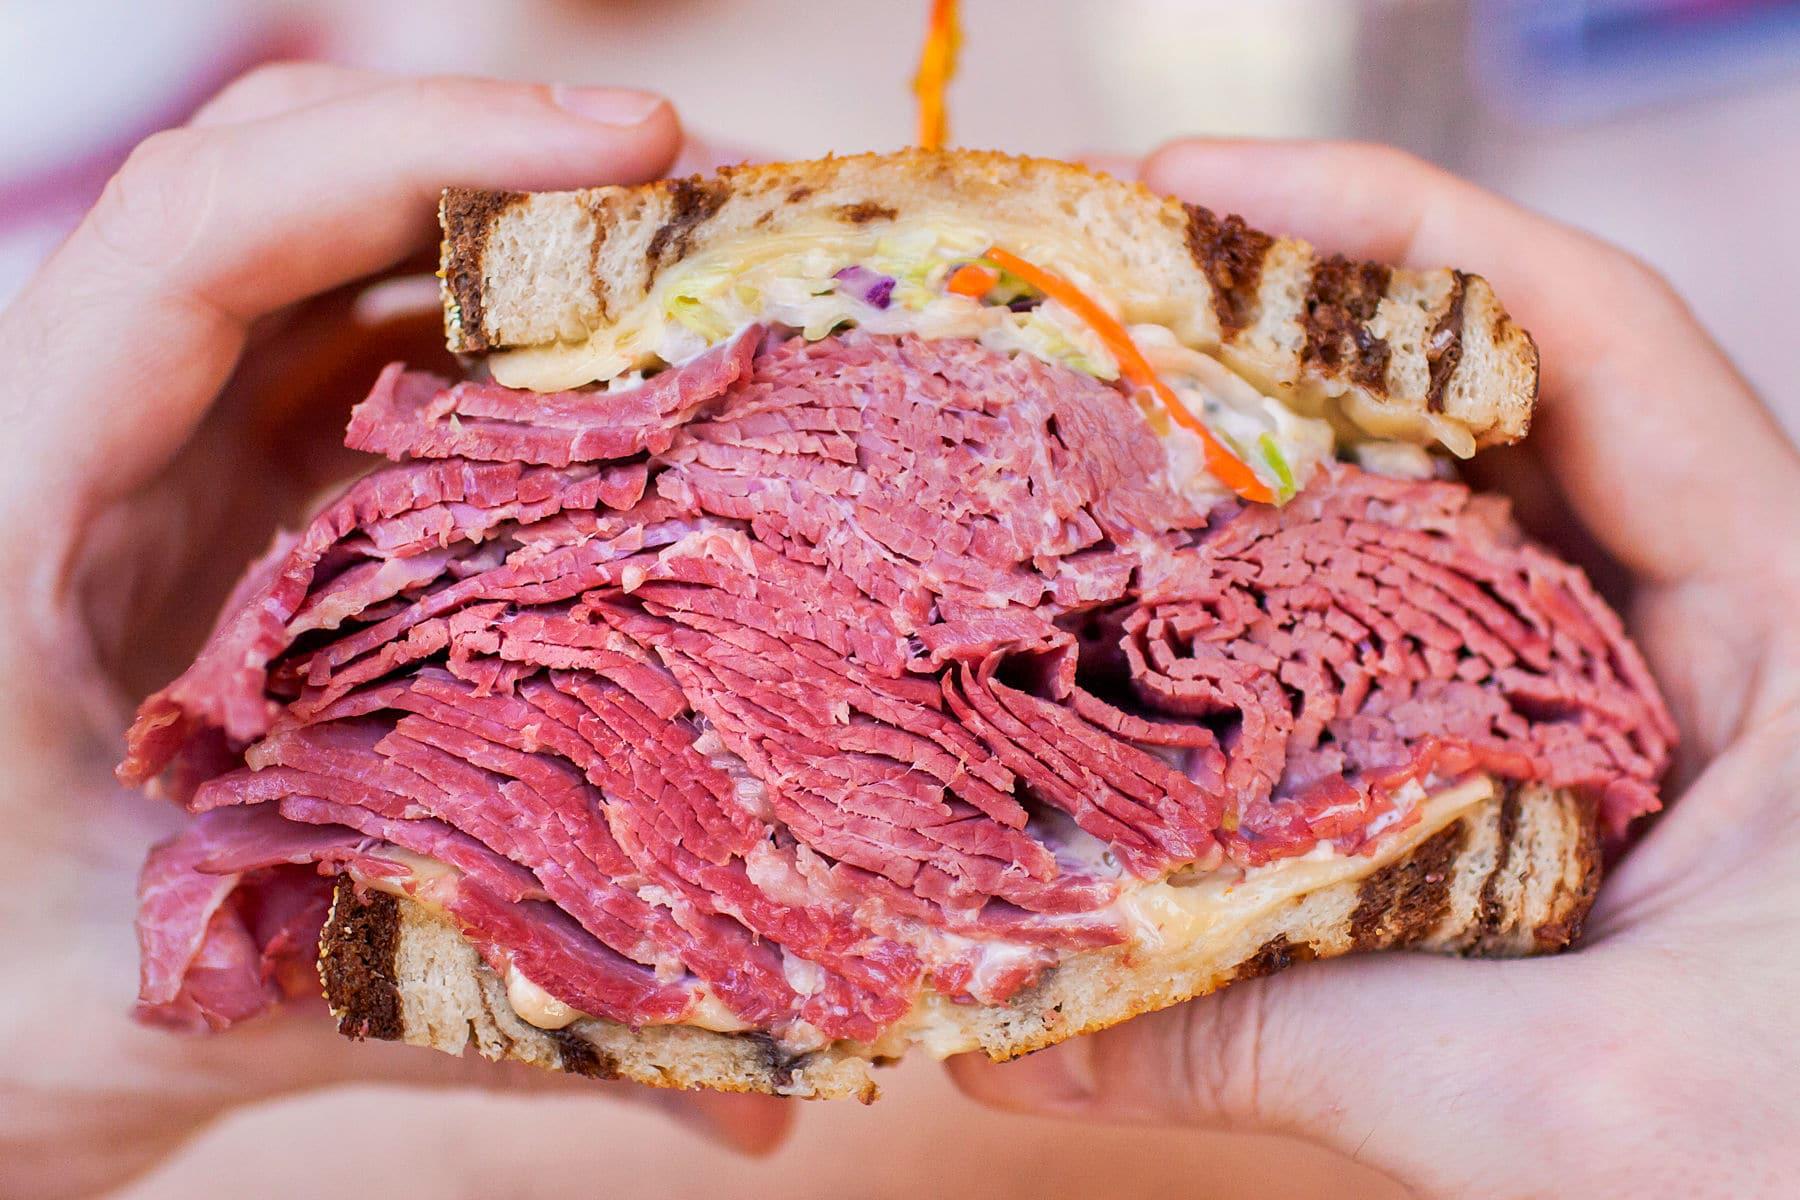 Hústornyok találkozása: a csupa hús pastrami és a tocsogós Reuben - Dining Guide